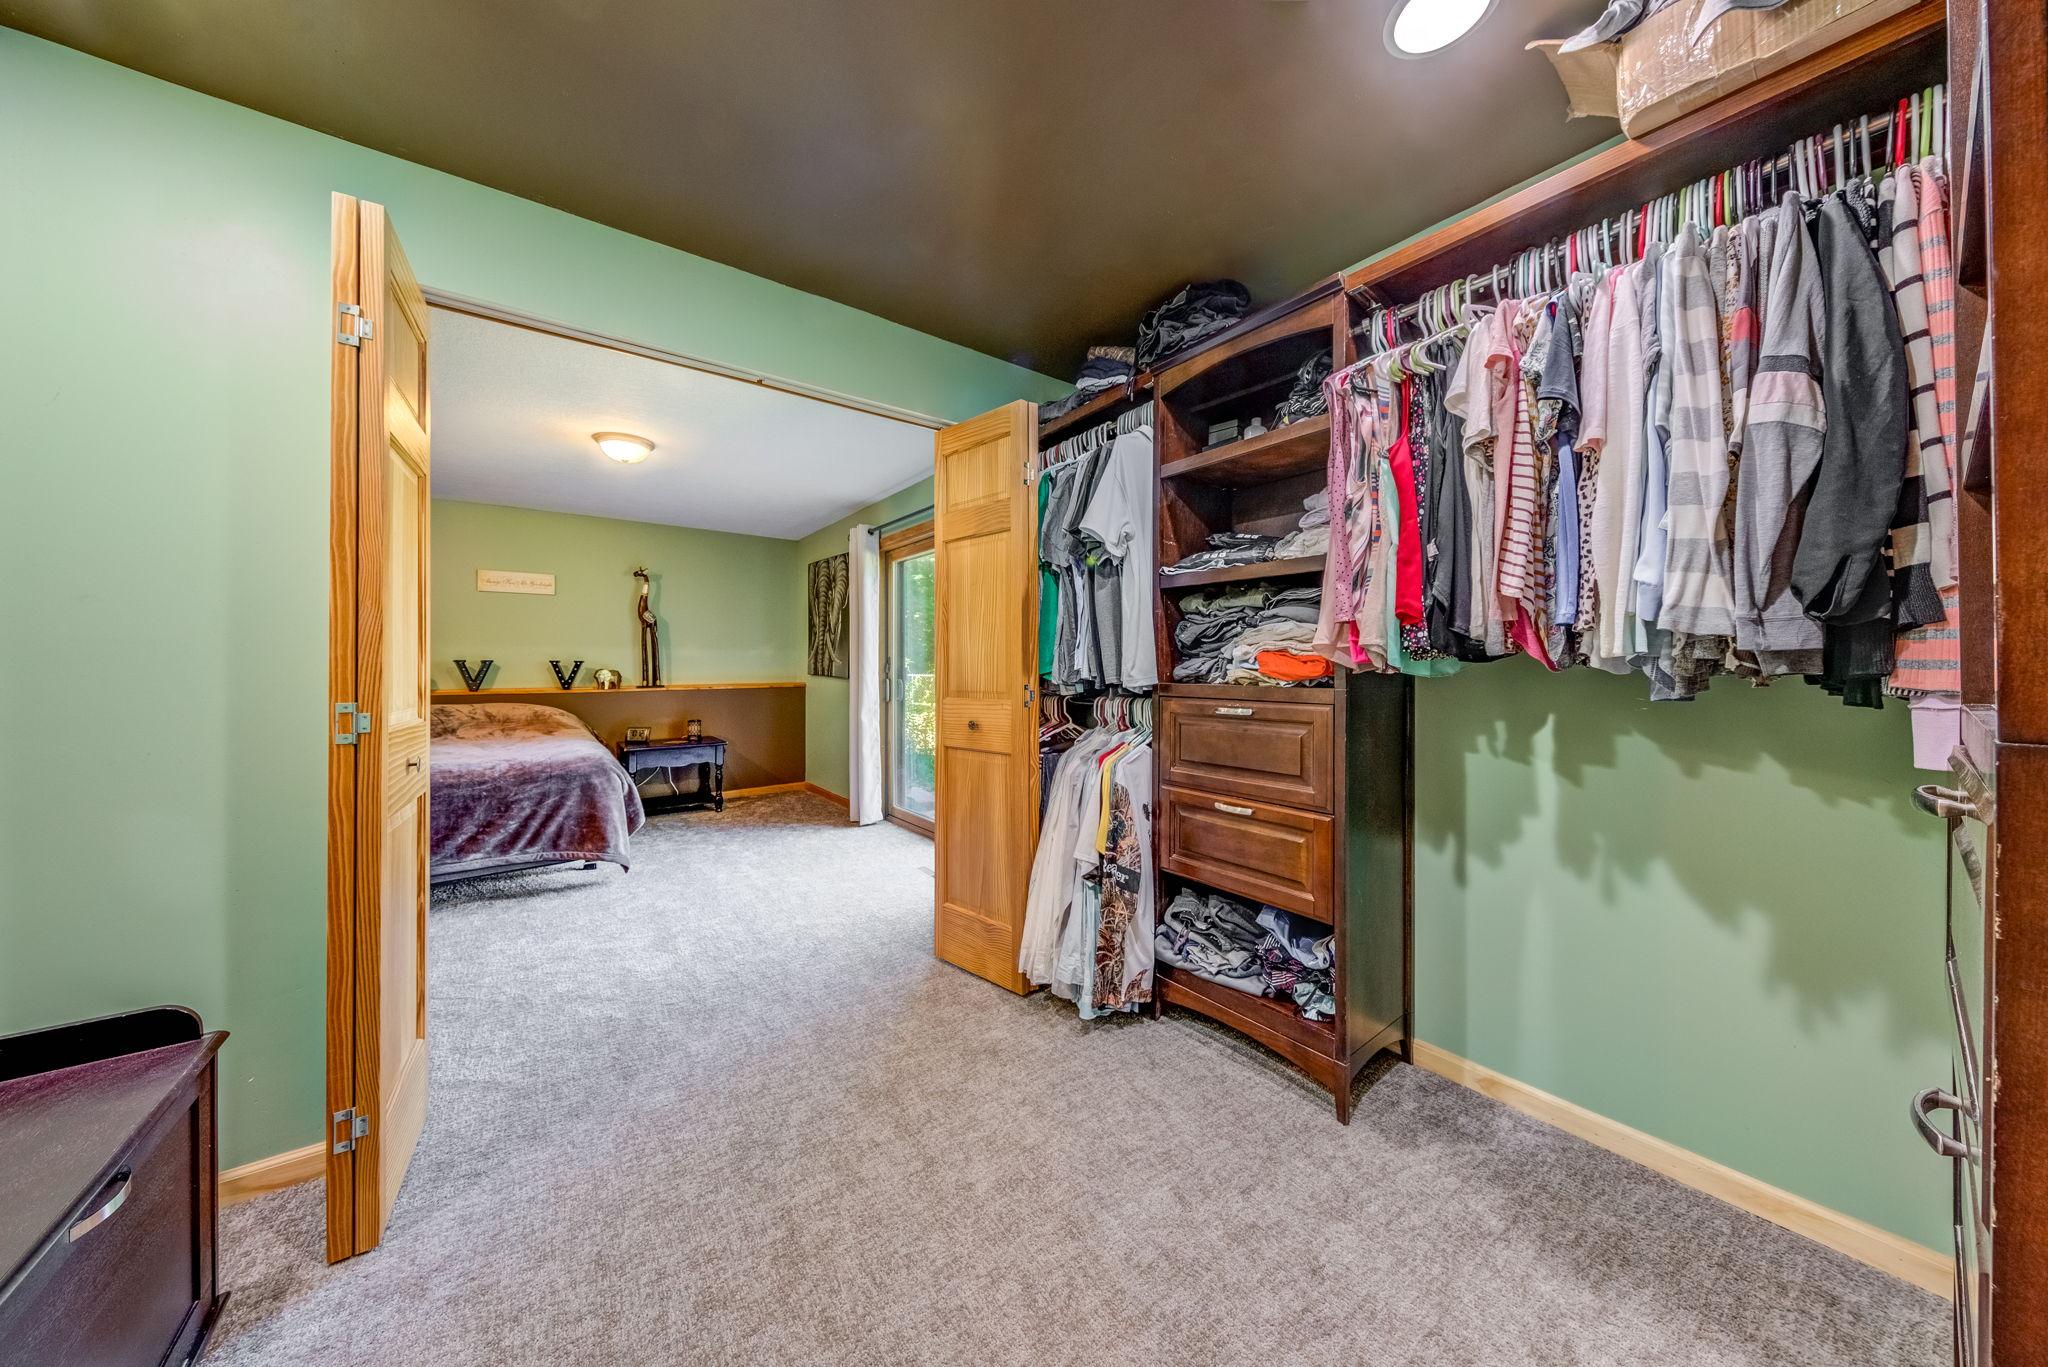 Bedroom A Closet